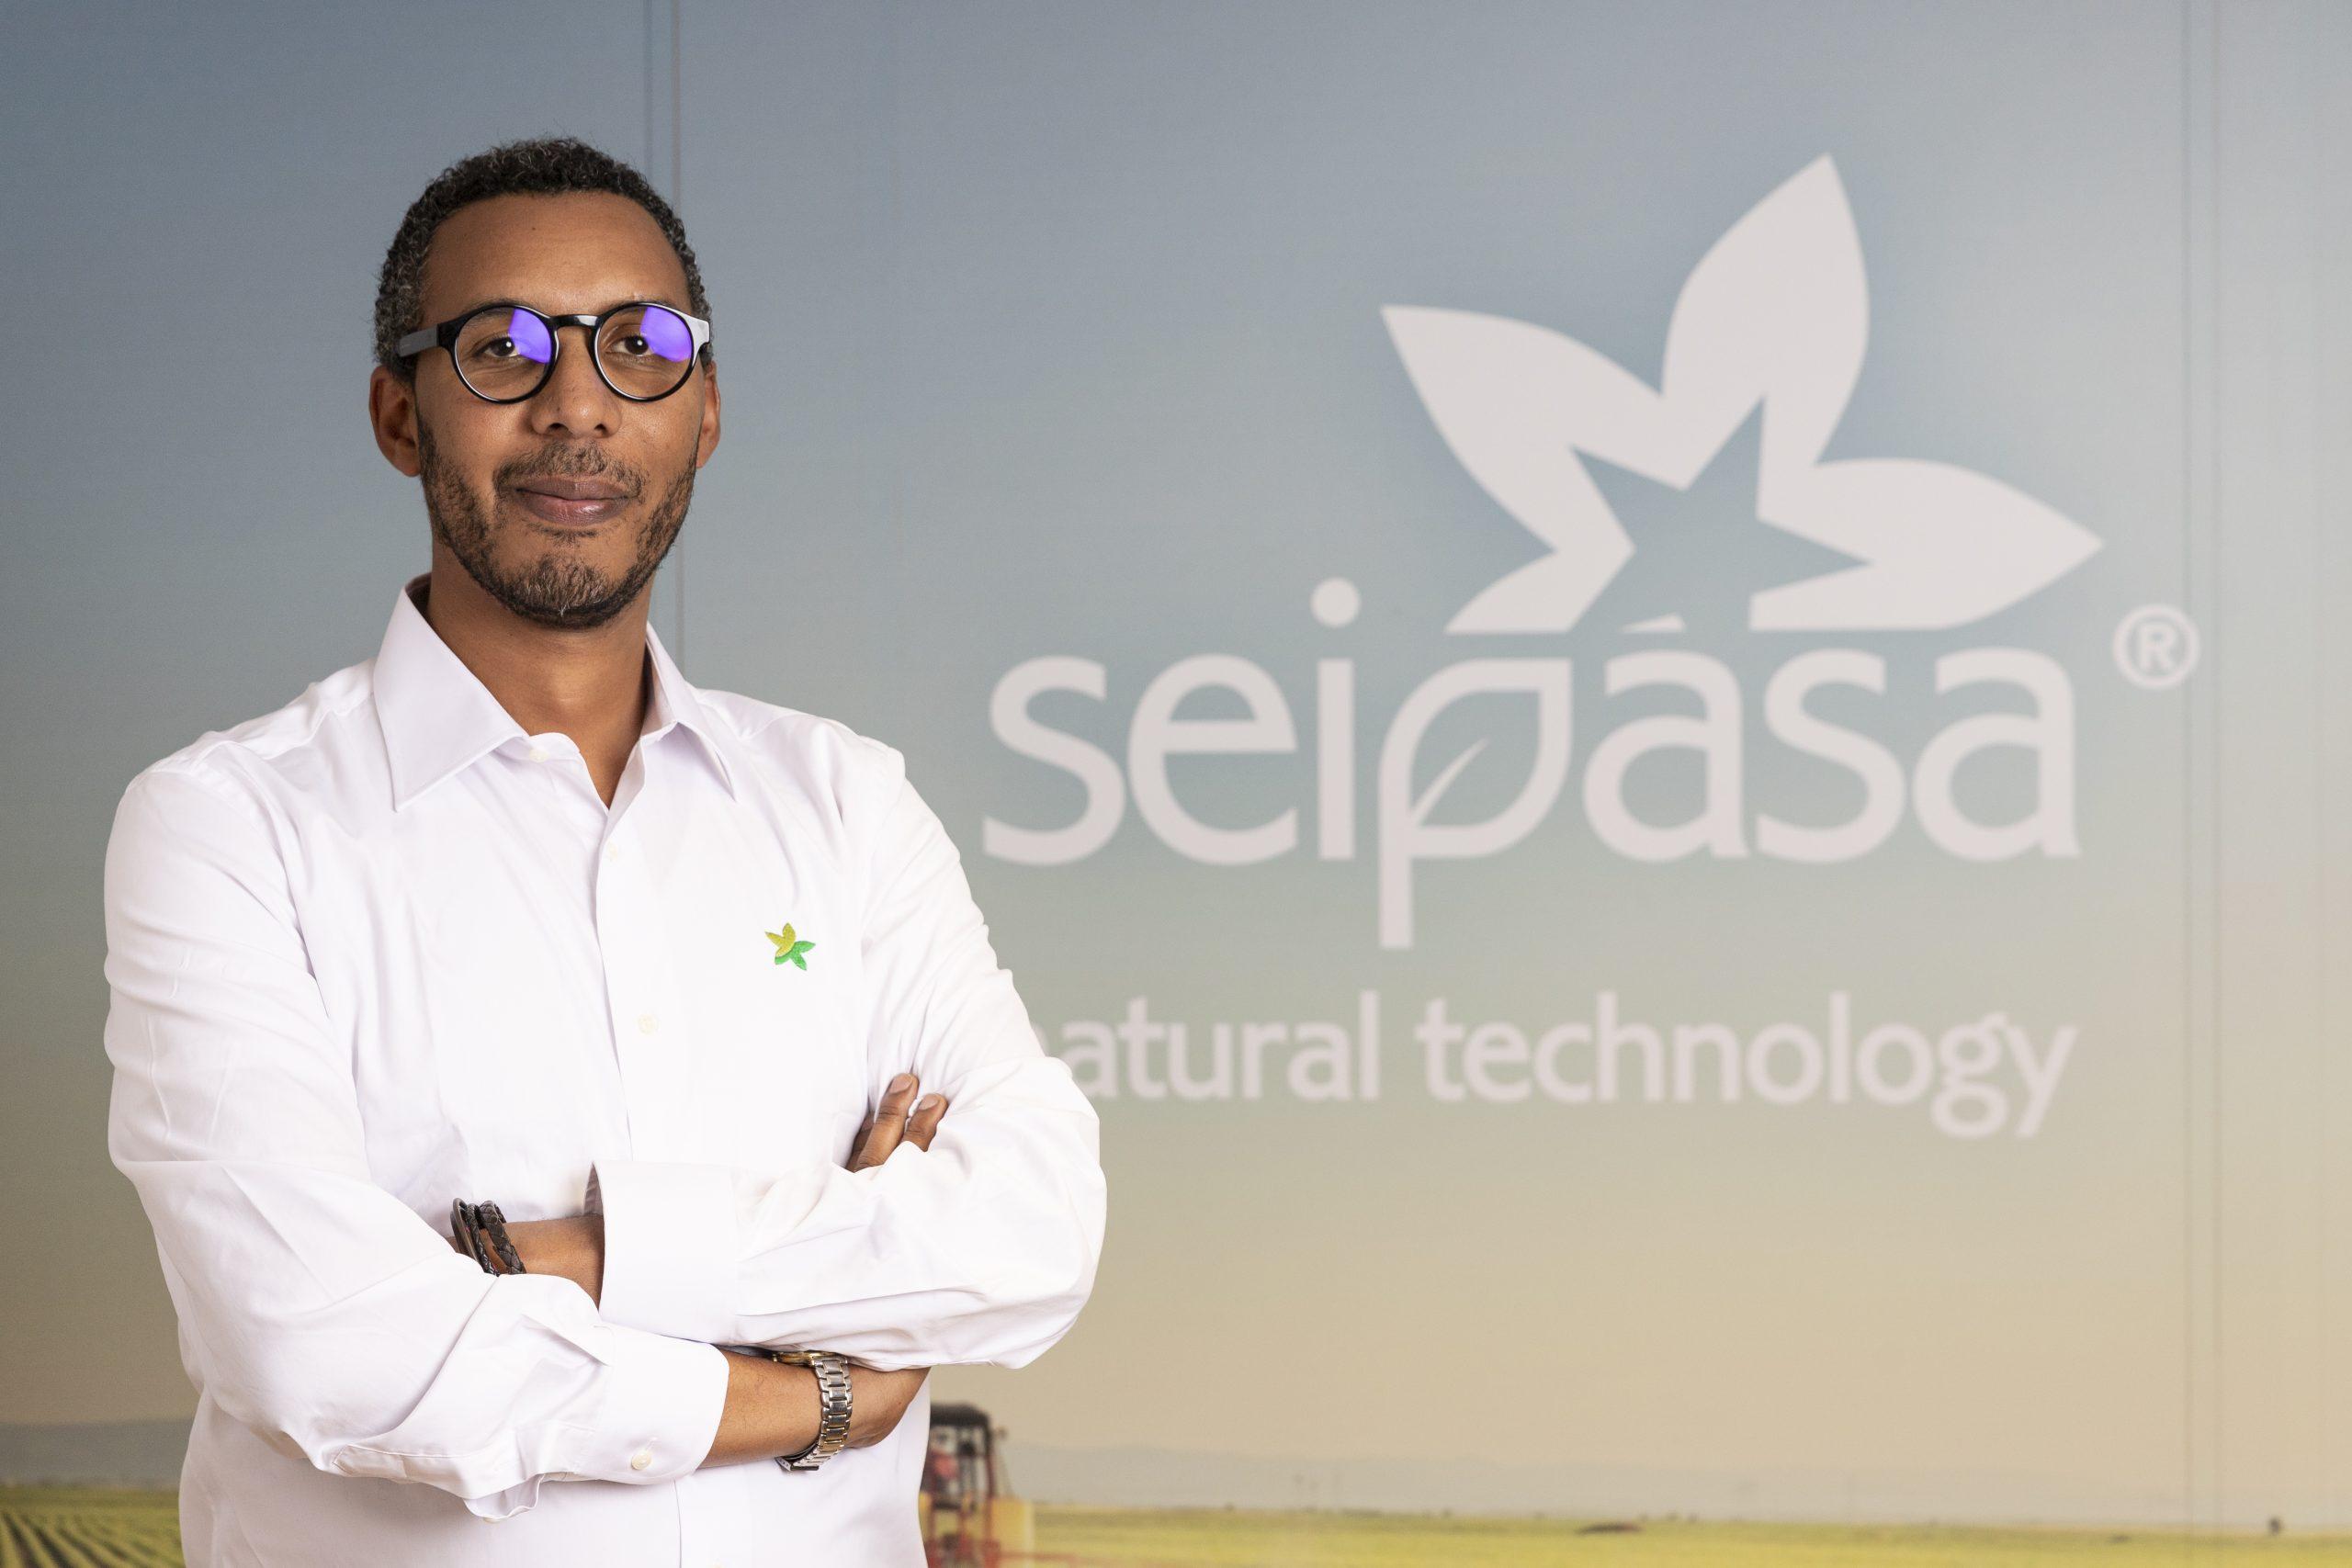 Seipasa: des solutions naturelles pour une agriculture sans résidus